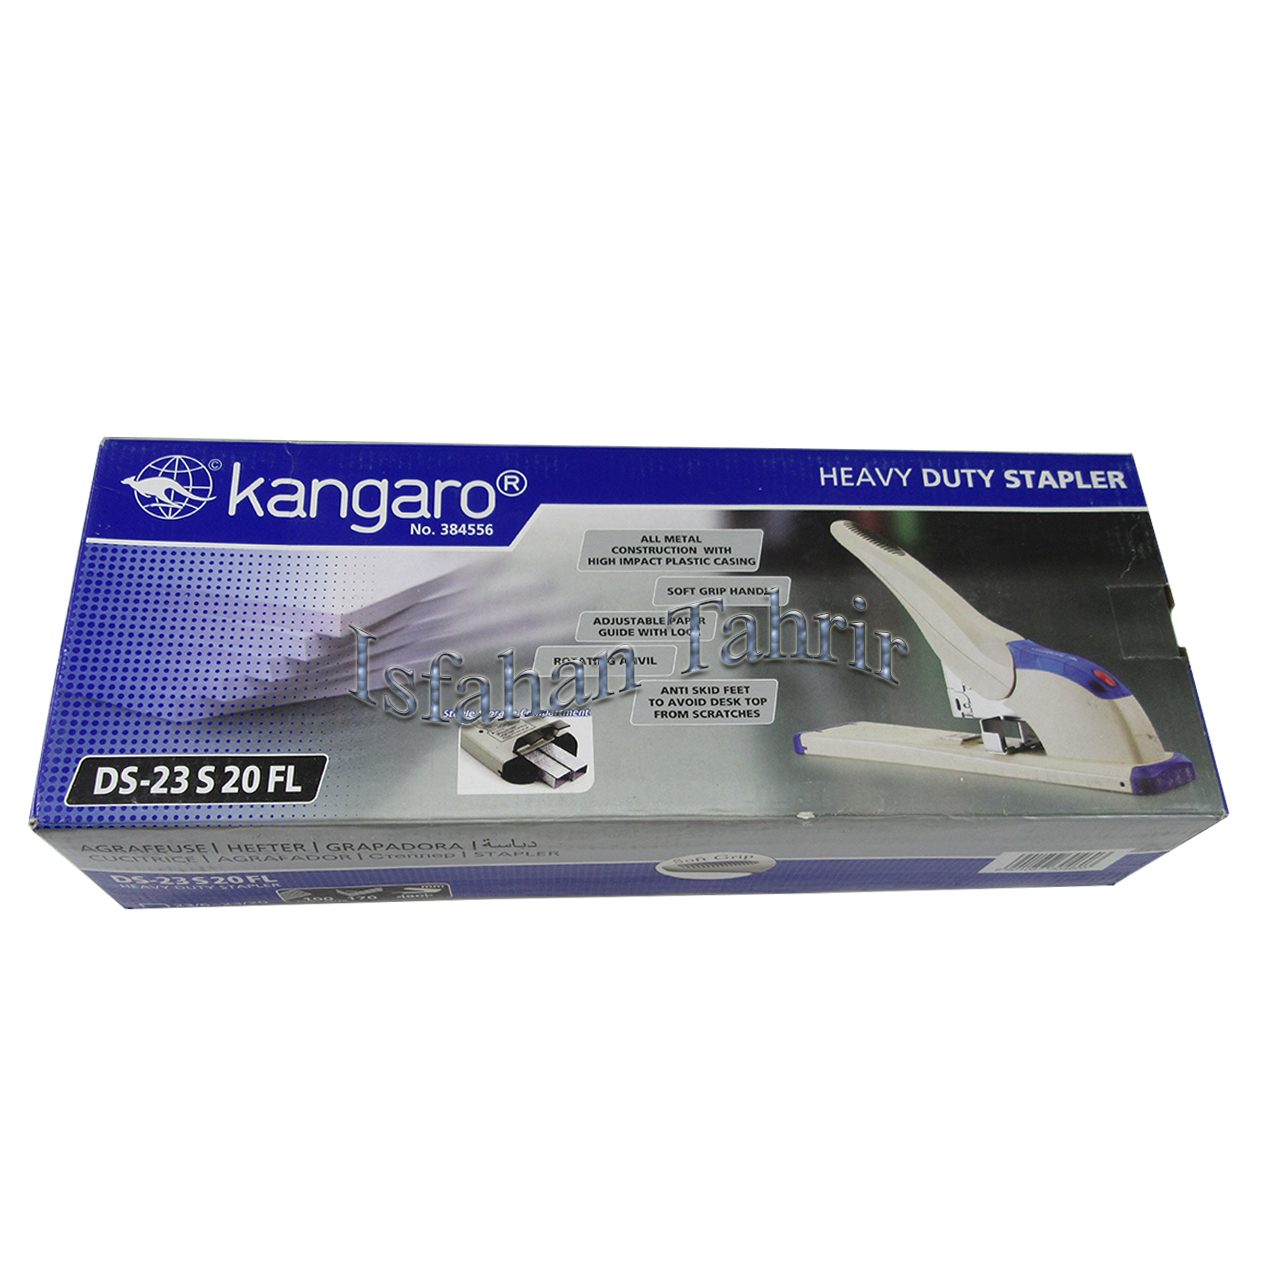 ماشین دوخت کانگورو (kangaro DS-23S20FL)